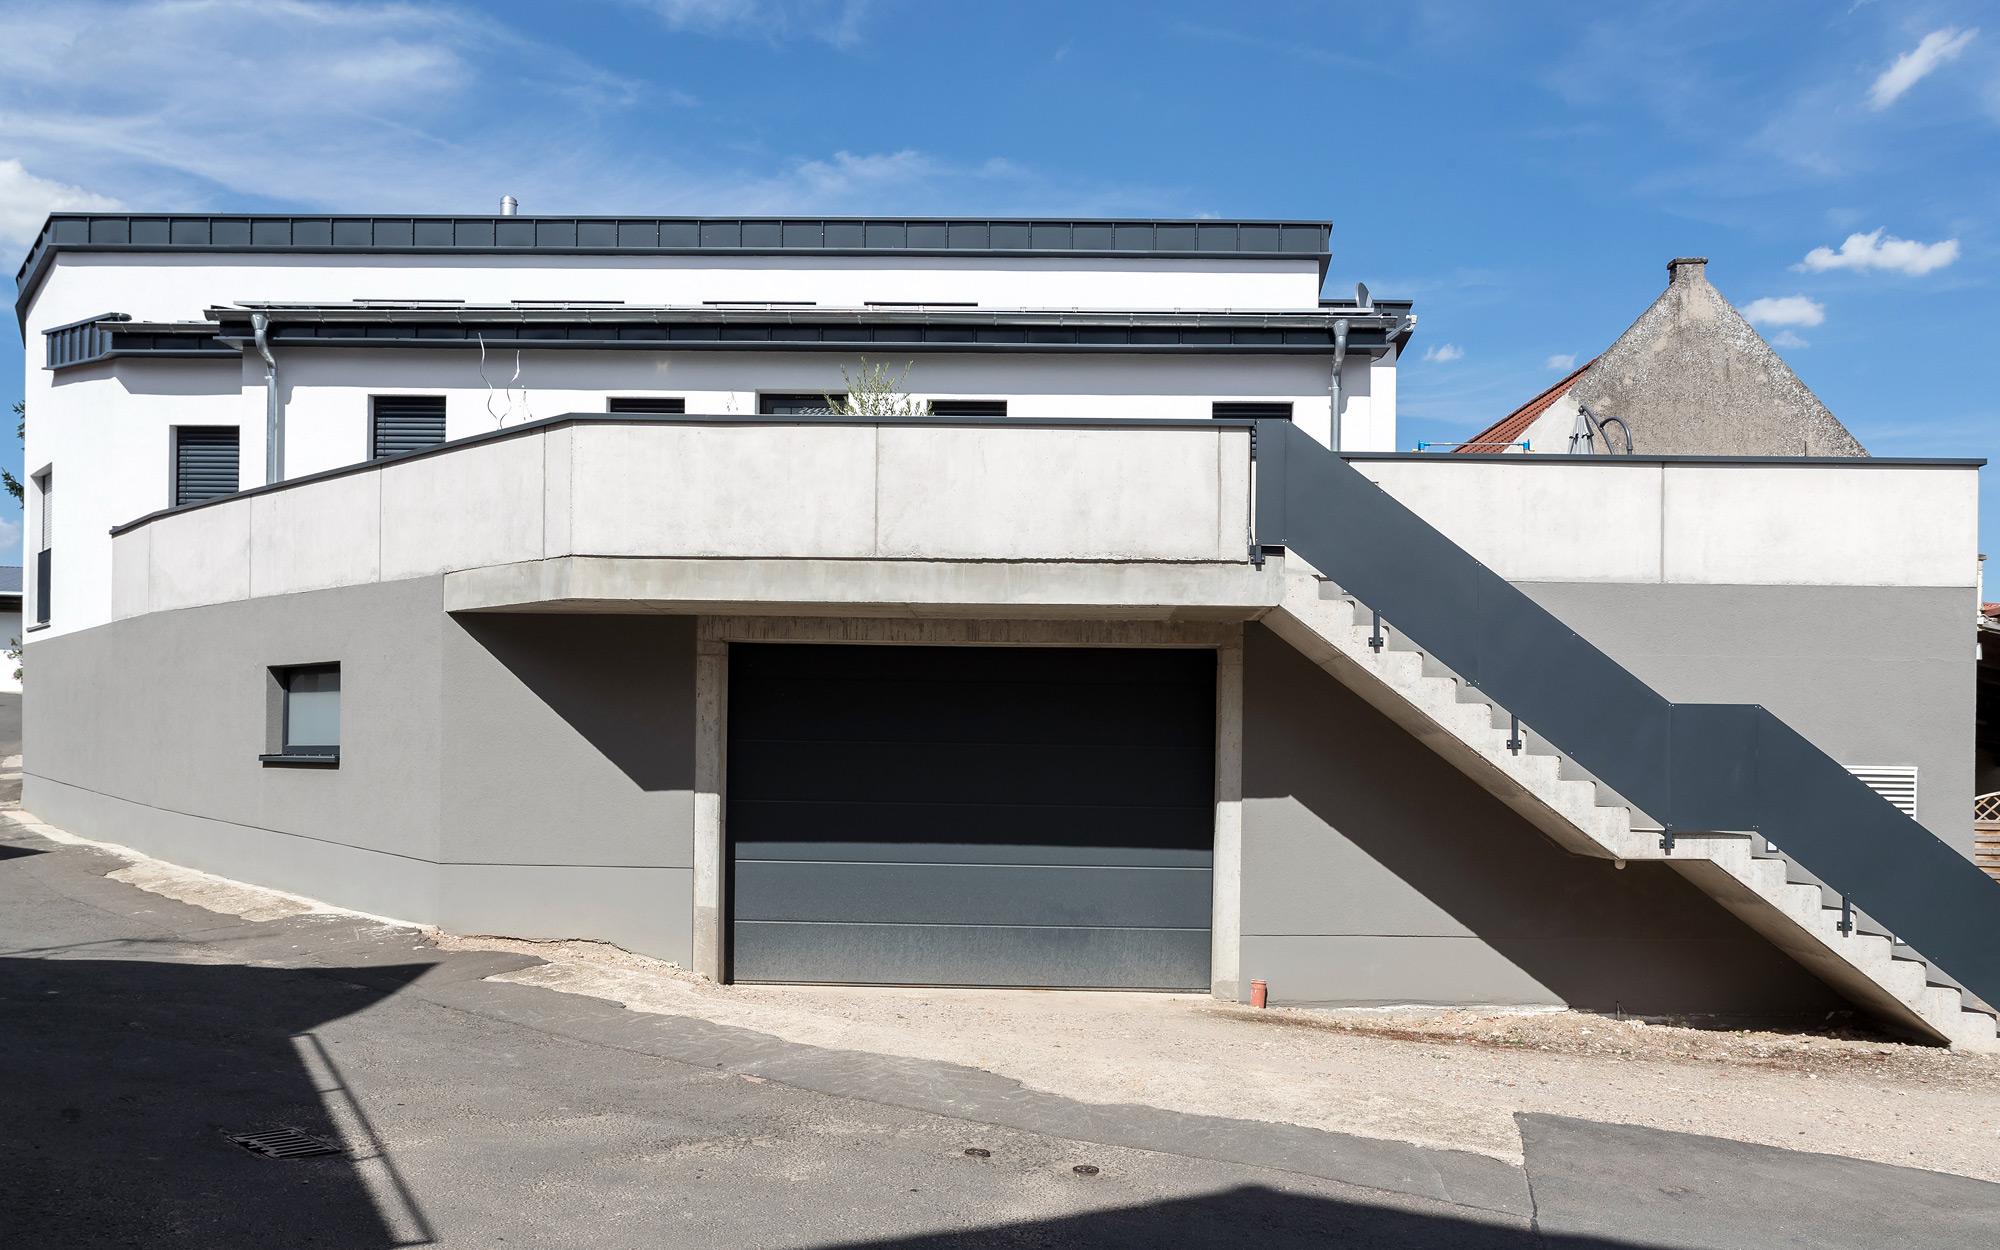 In Bungalowbauweise auf einer neu errichteten Lagerhalle in Alsheim (Rheinhessen) / Bauzeit Februar – November 2015